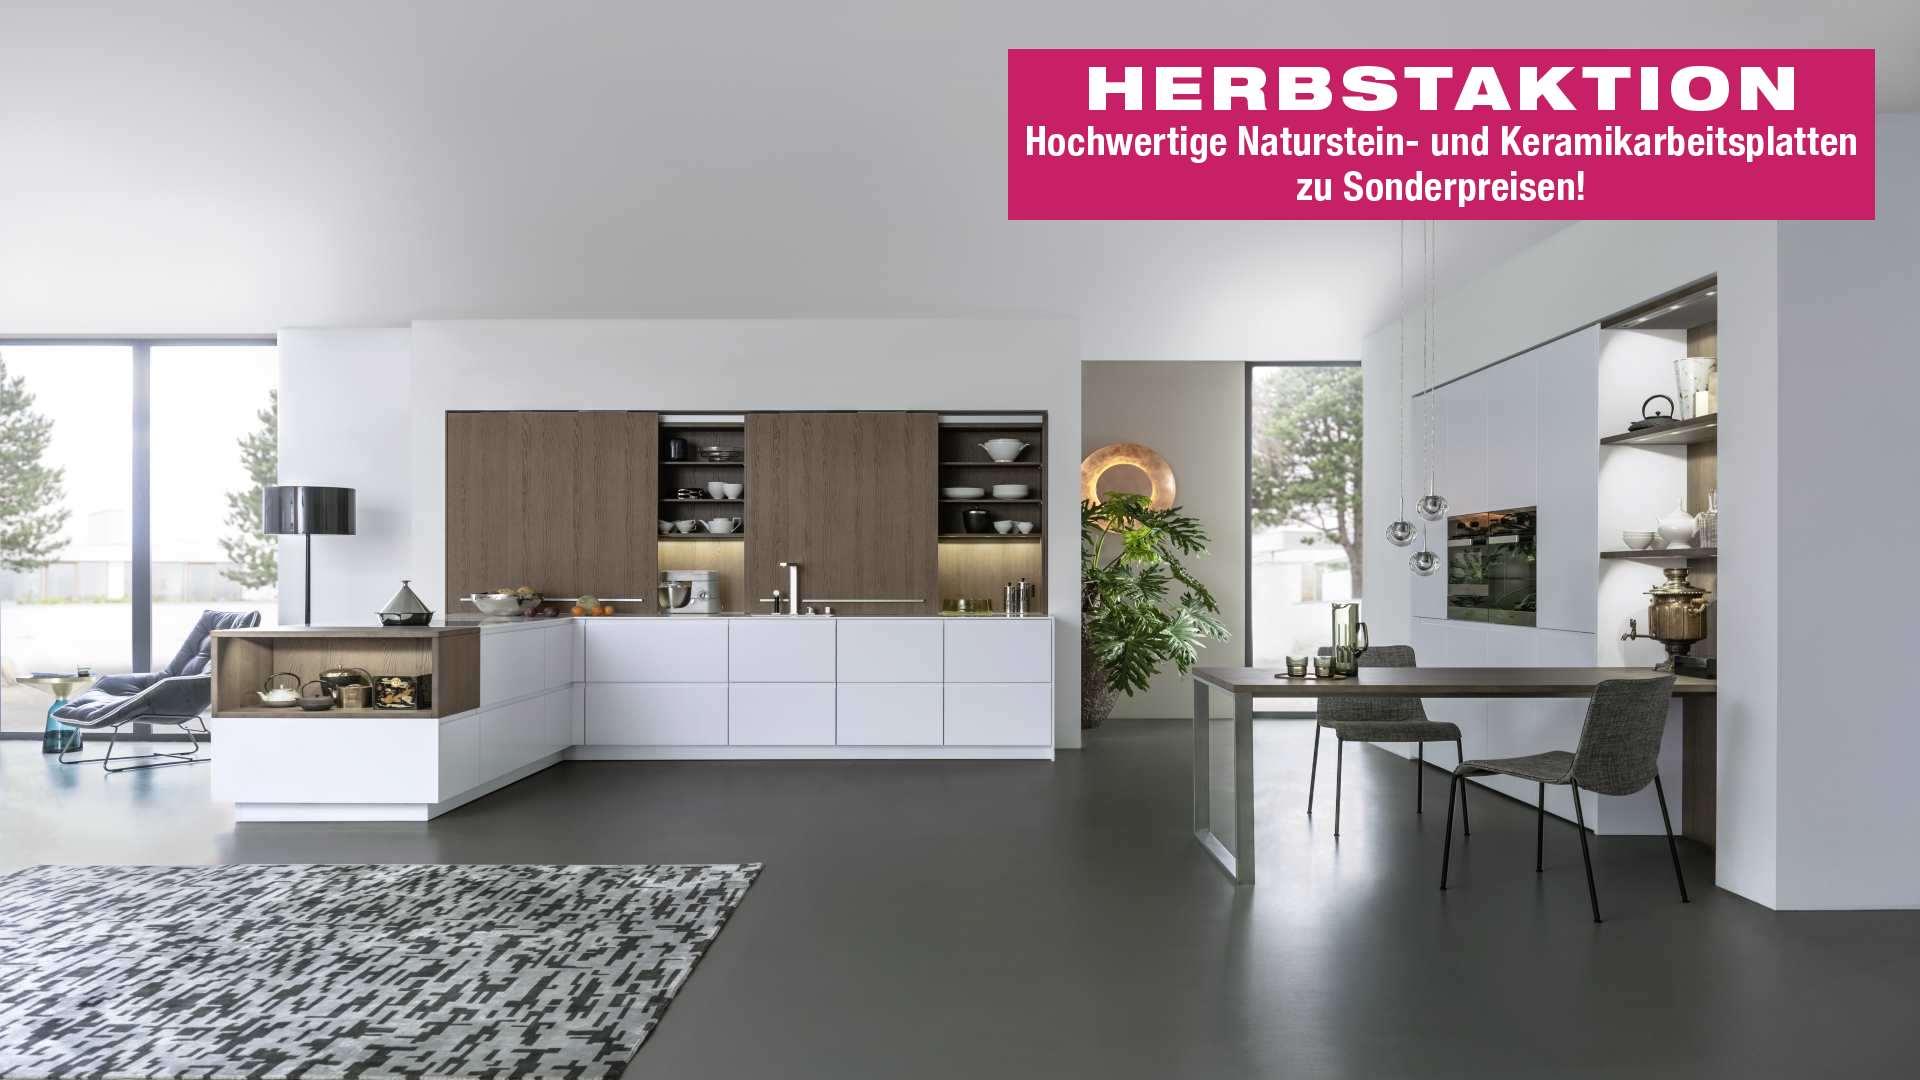 SLIDER HERBSTAKTION - Kloeckner Küchenstudio Gelnhausen Qualität Maßgeschneidert Anpassungen Service 3 (2)